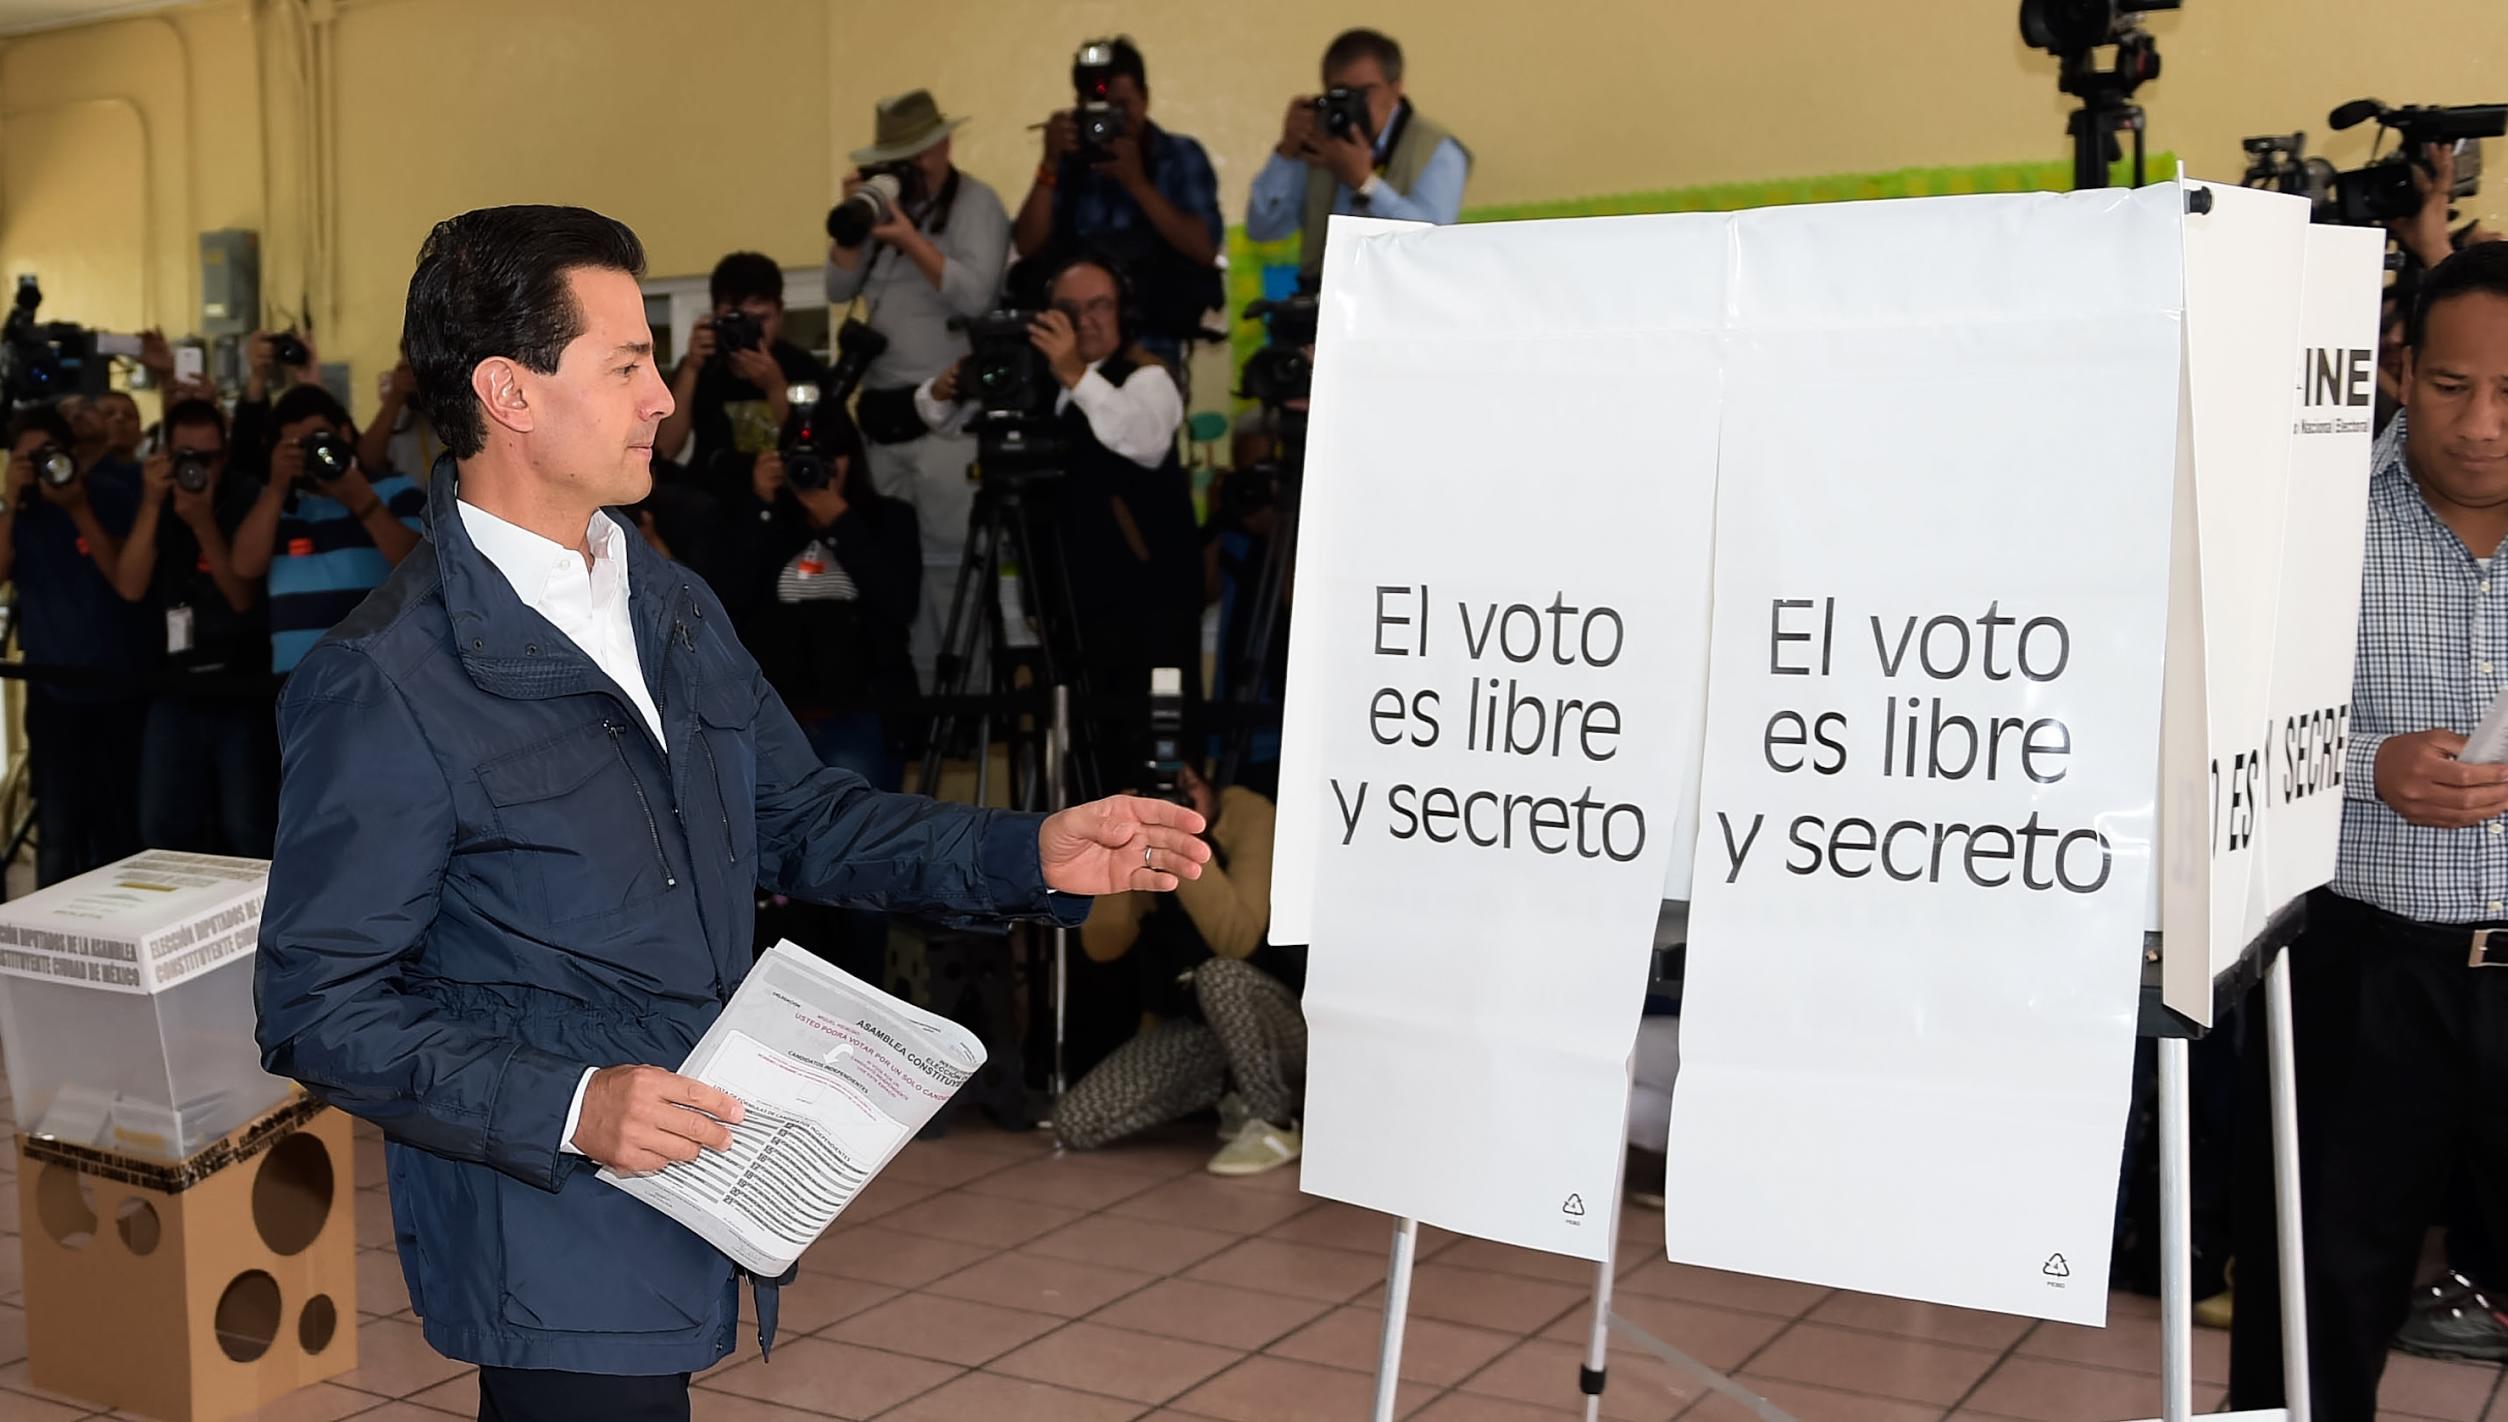 """Acompañado de su esposa, Angélica Rivera de Peña, y de su hijo Alejandro, el Primer Mandatario depositó su voto en la casilla ubicada en la escuela """"El Pípila""""."""